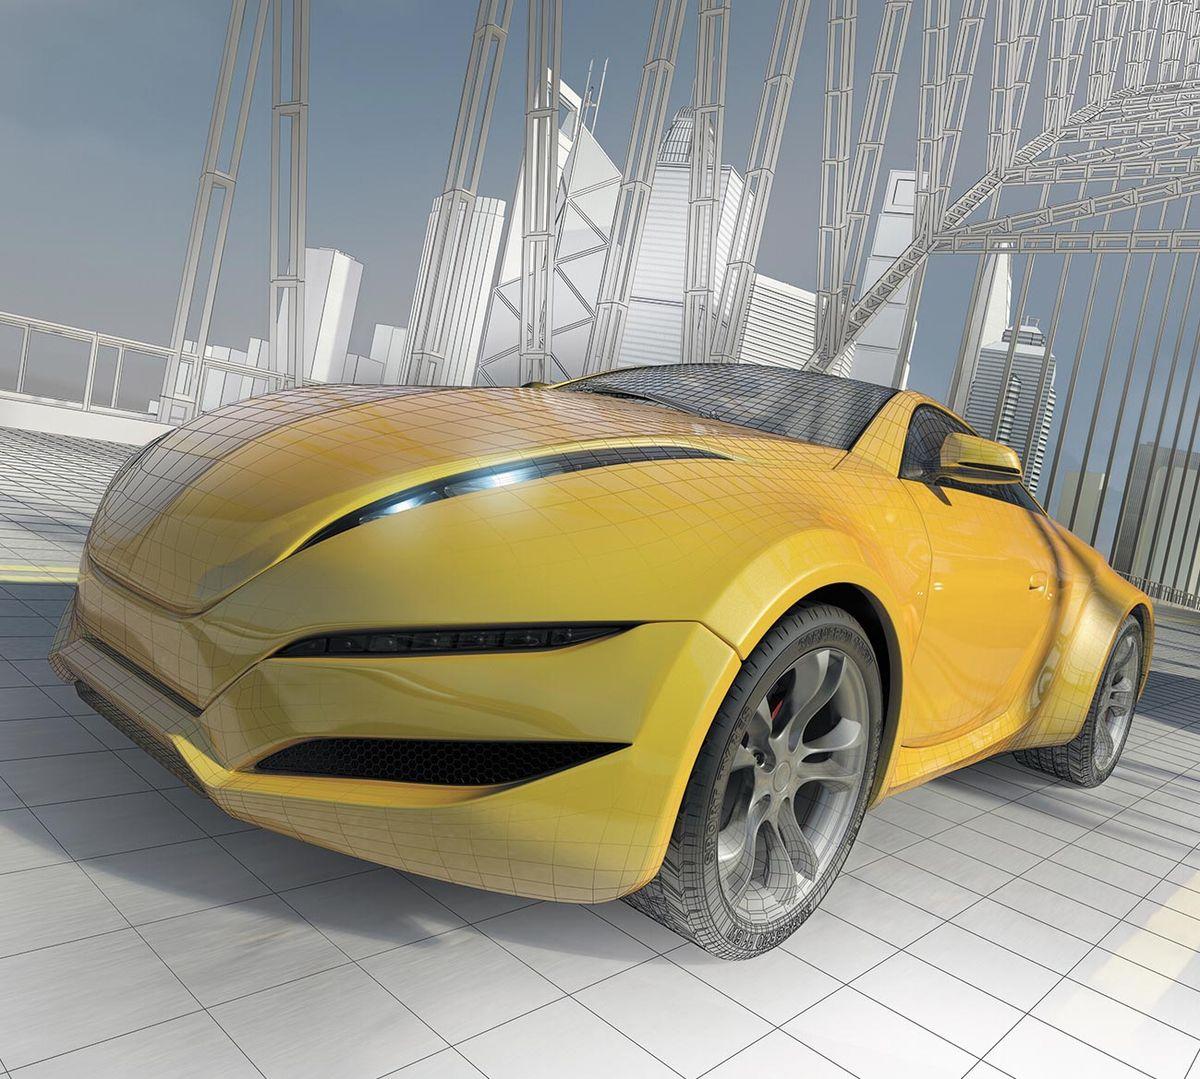 Фотообои Milan Скорость. Желтая машина, текстурные, 300 х 270 см. M 321 фотообои milan ракушка текстурные 100 х 270 см m 120